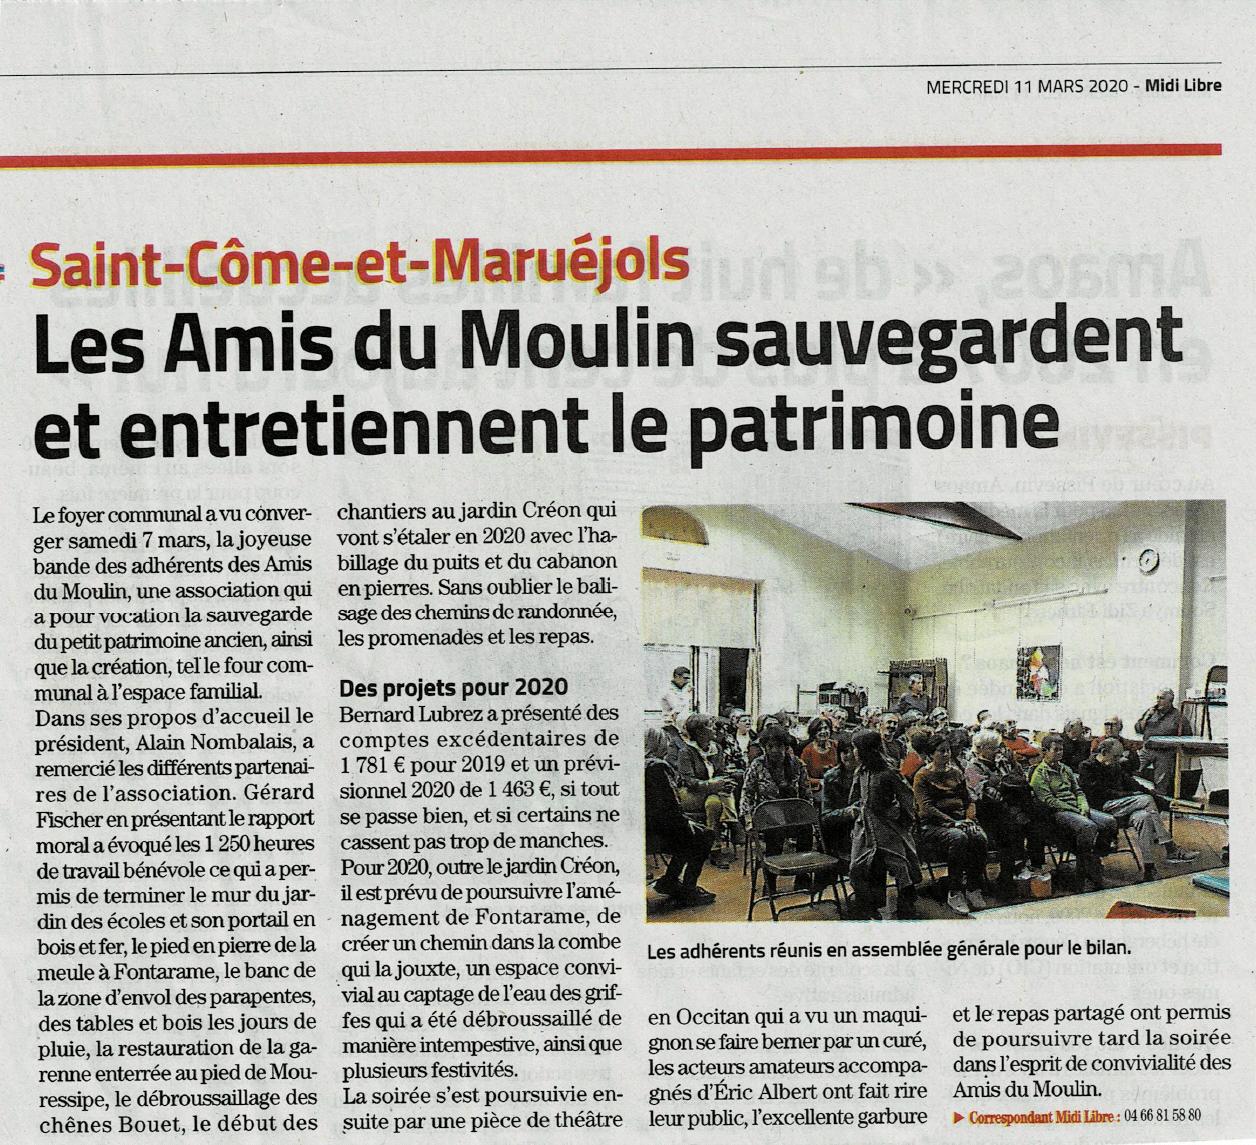 Les Amis du Moulin 7 mars 20